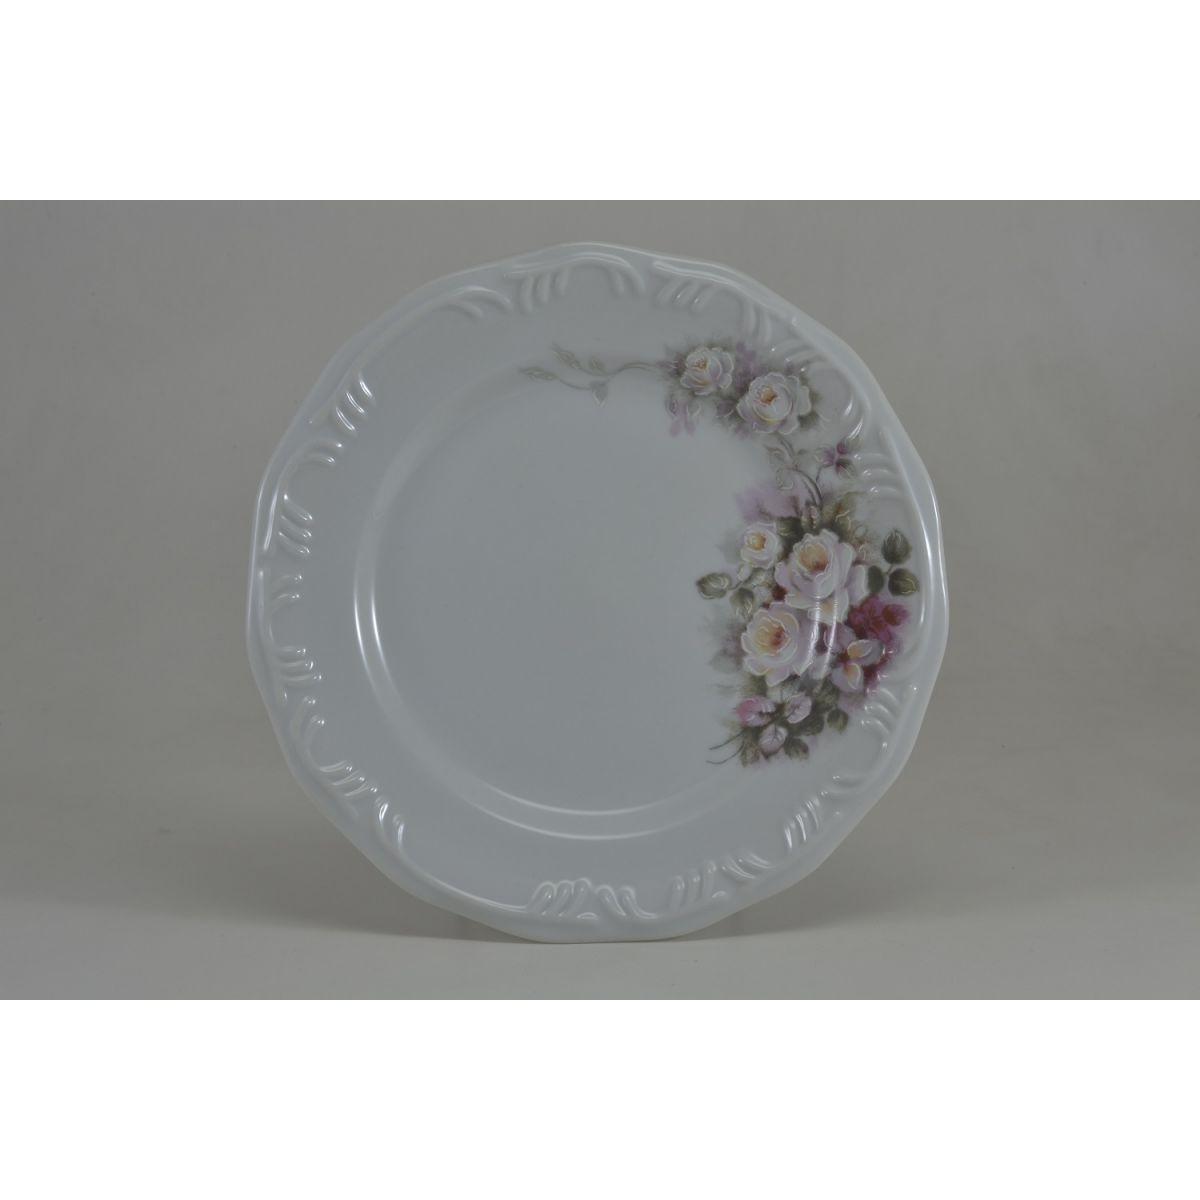 Prato Sobremesa 19cm Linha Pomerode Eterna Porcelana Schmidt